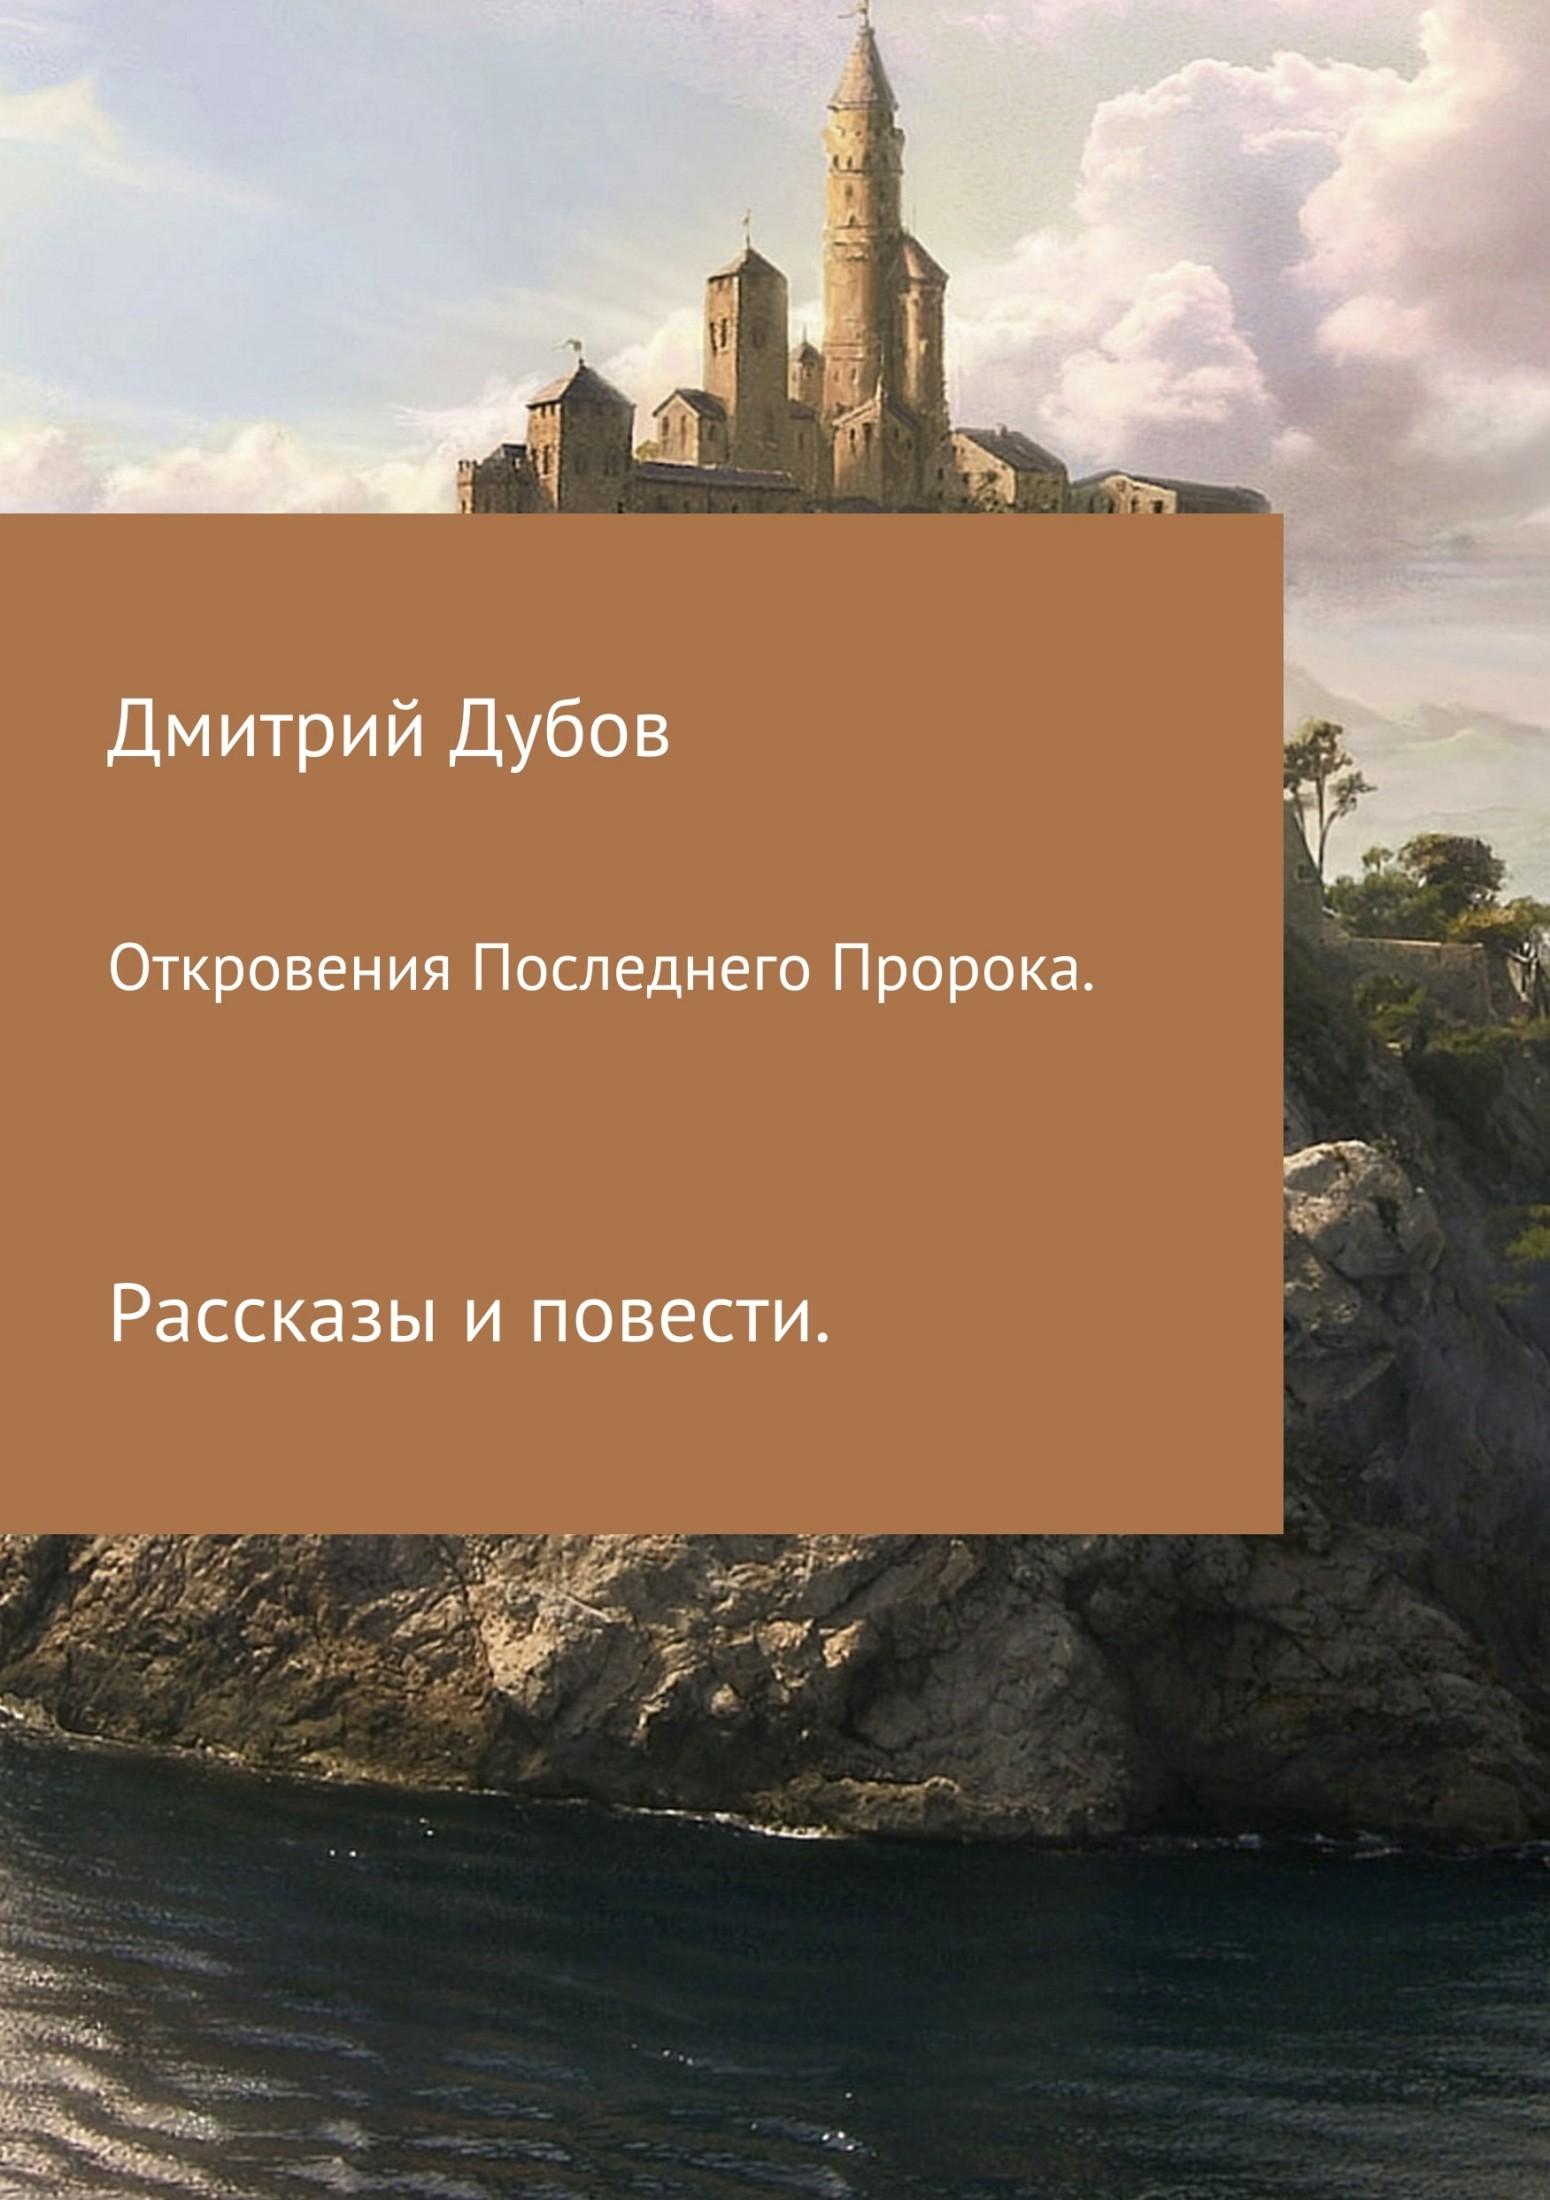 Дмитрий Валерьевич Дубов Откровения Последнего Пророка борис валерьевич лейбов в высокой траве